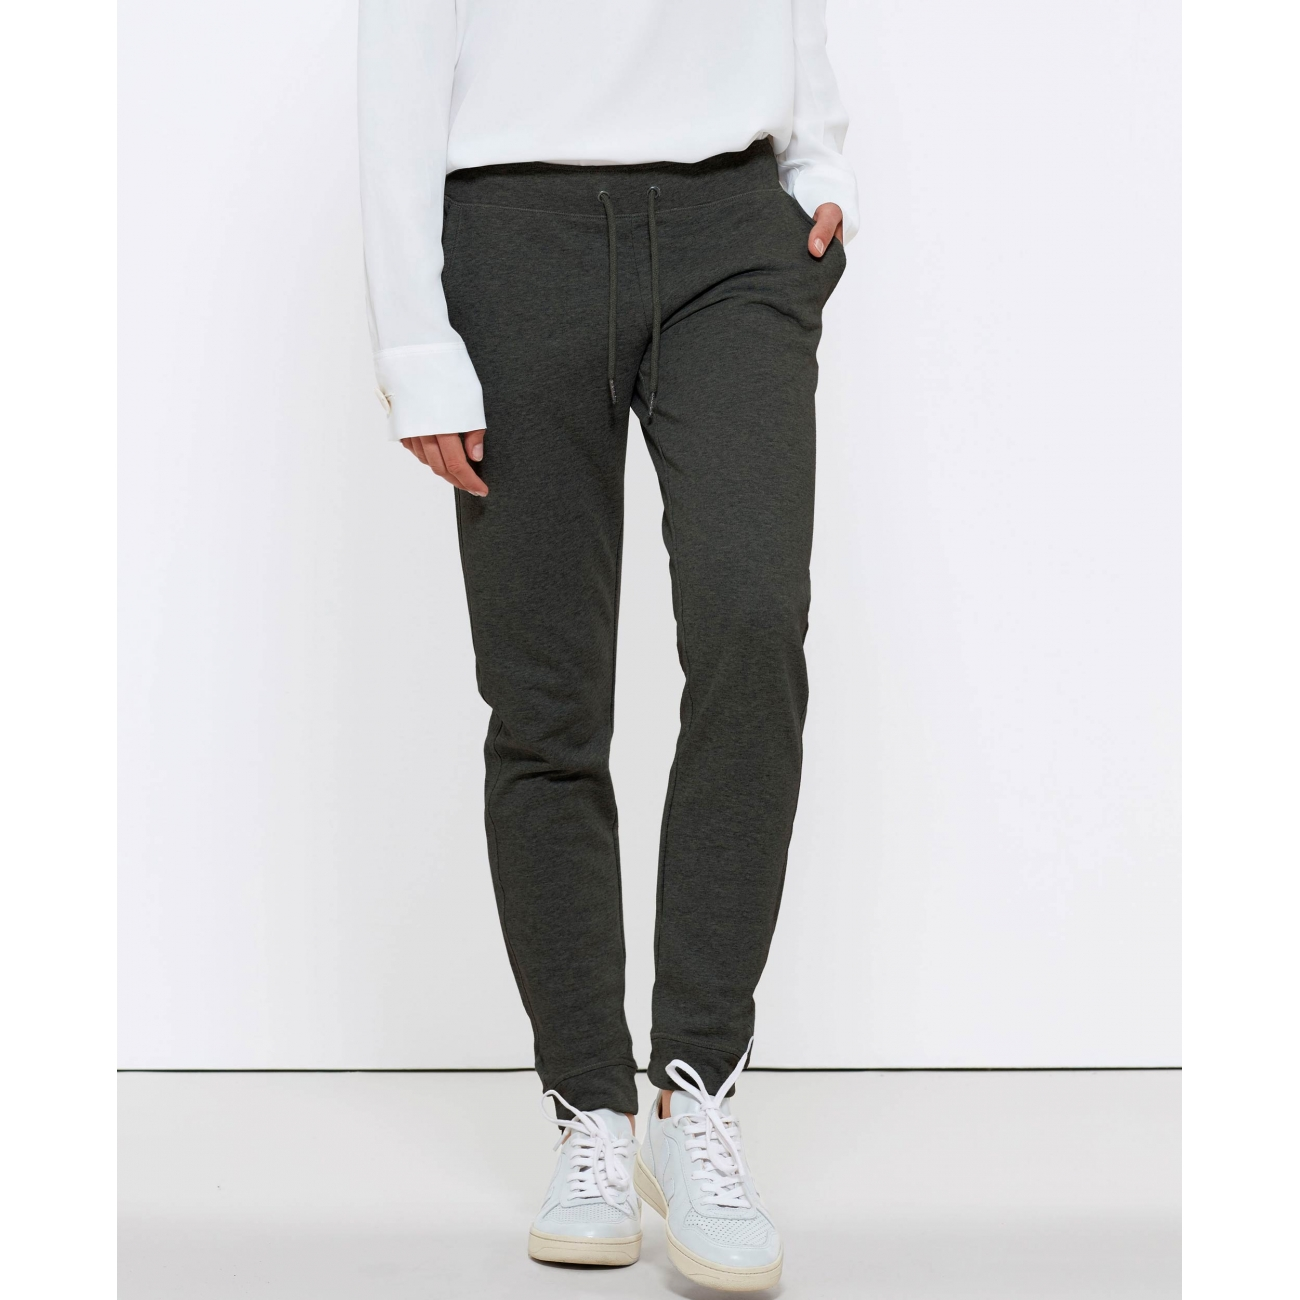 https://tee-shirt-bio.com/5615-thickbox_default/pantalon-de-jogging-en-coton-bio-gris-fonce-chine-pour-femme.jpg